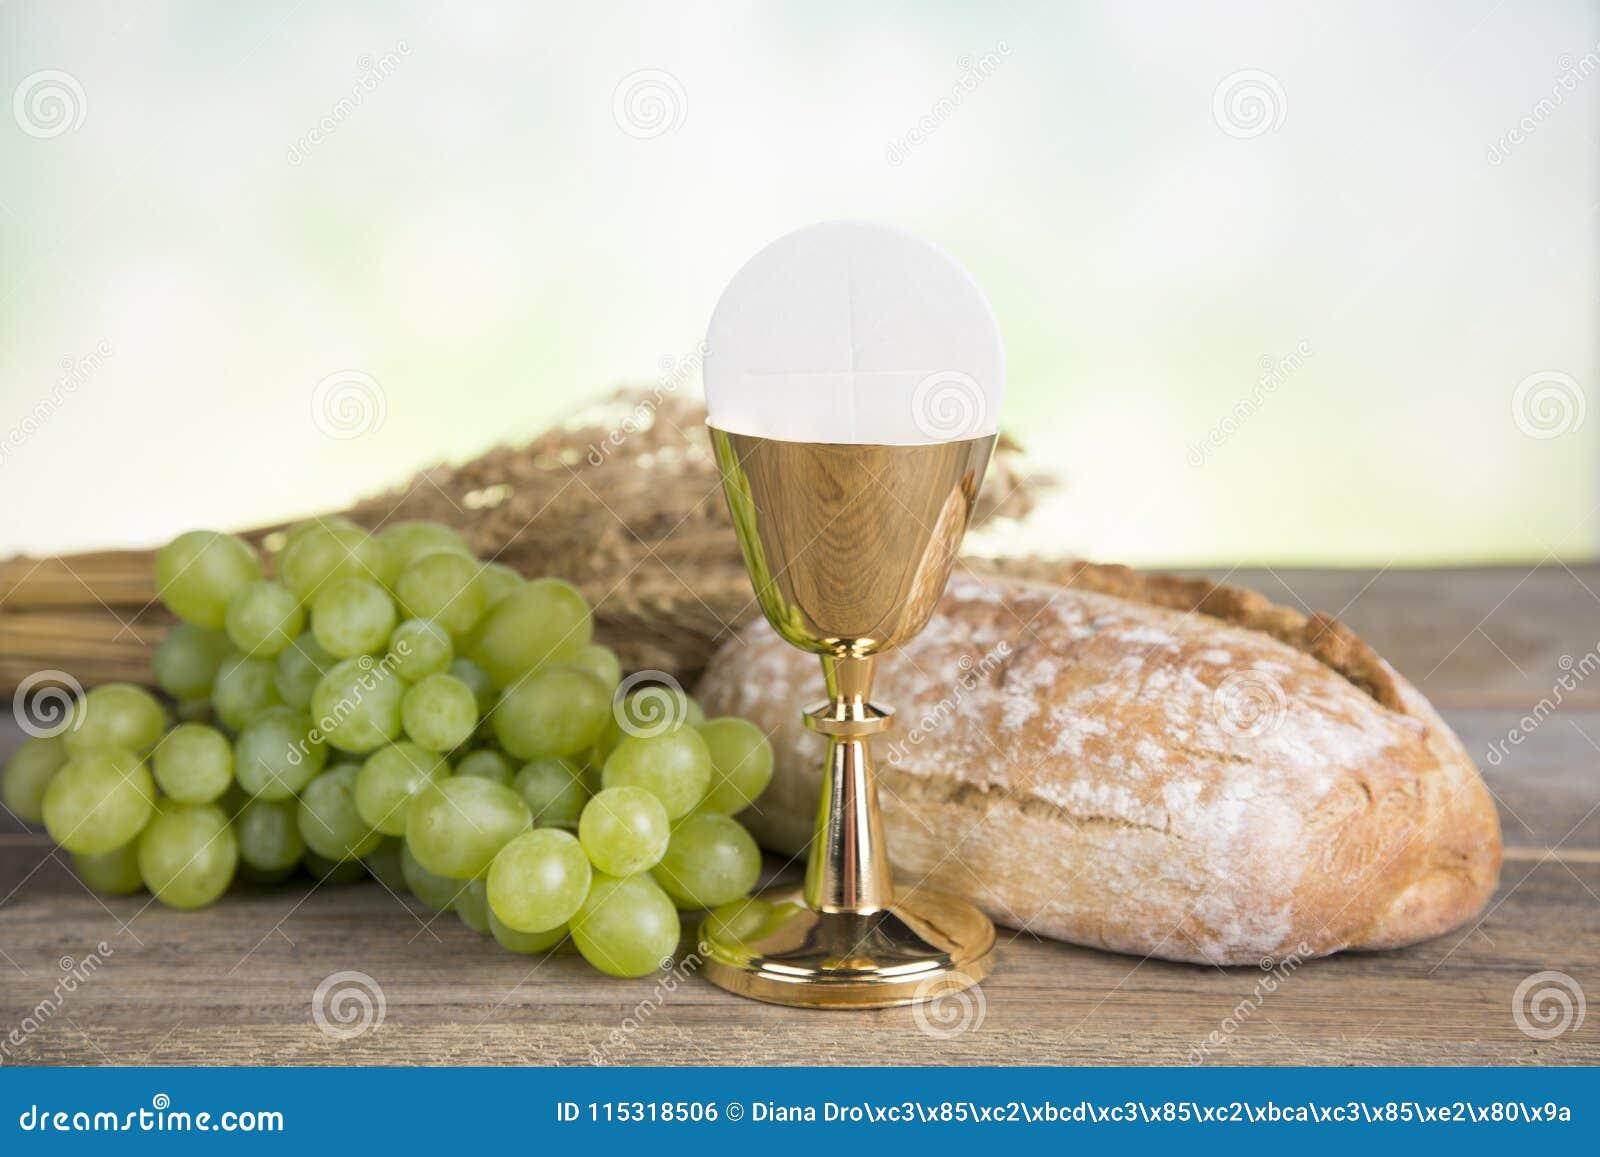 Σύμβολο Eucharist του ψωμιού και του κρασιού, κάλυκας και οικοδεσπότης, comm πρώτα